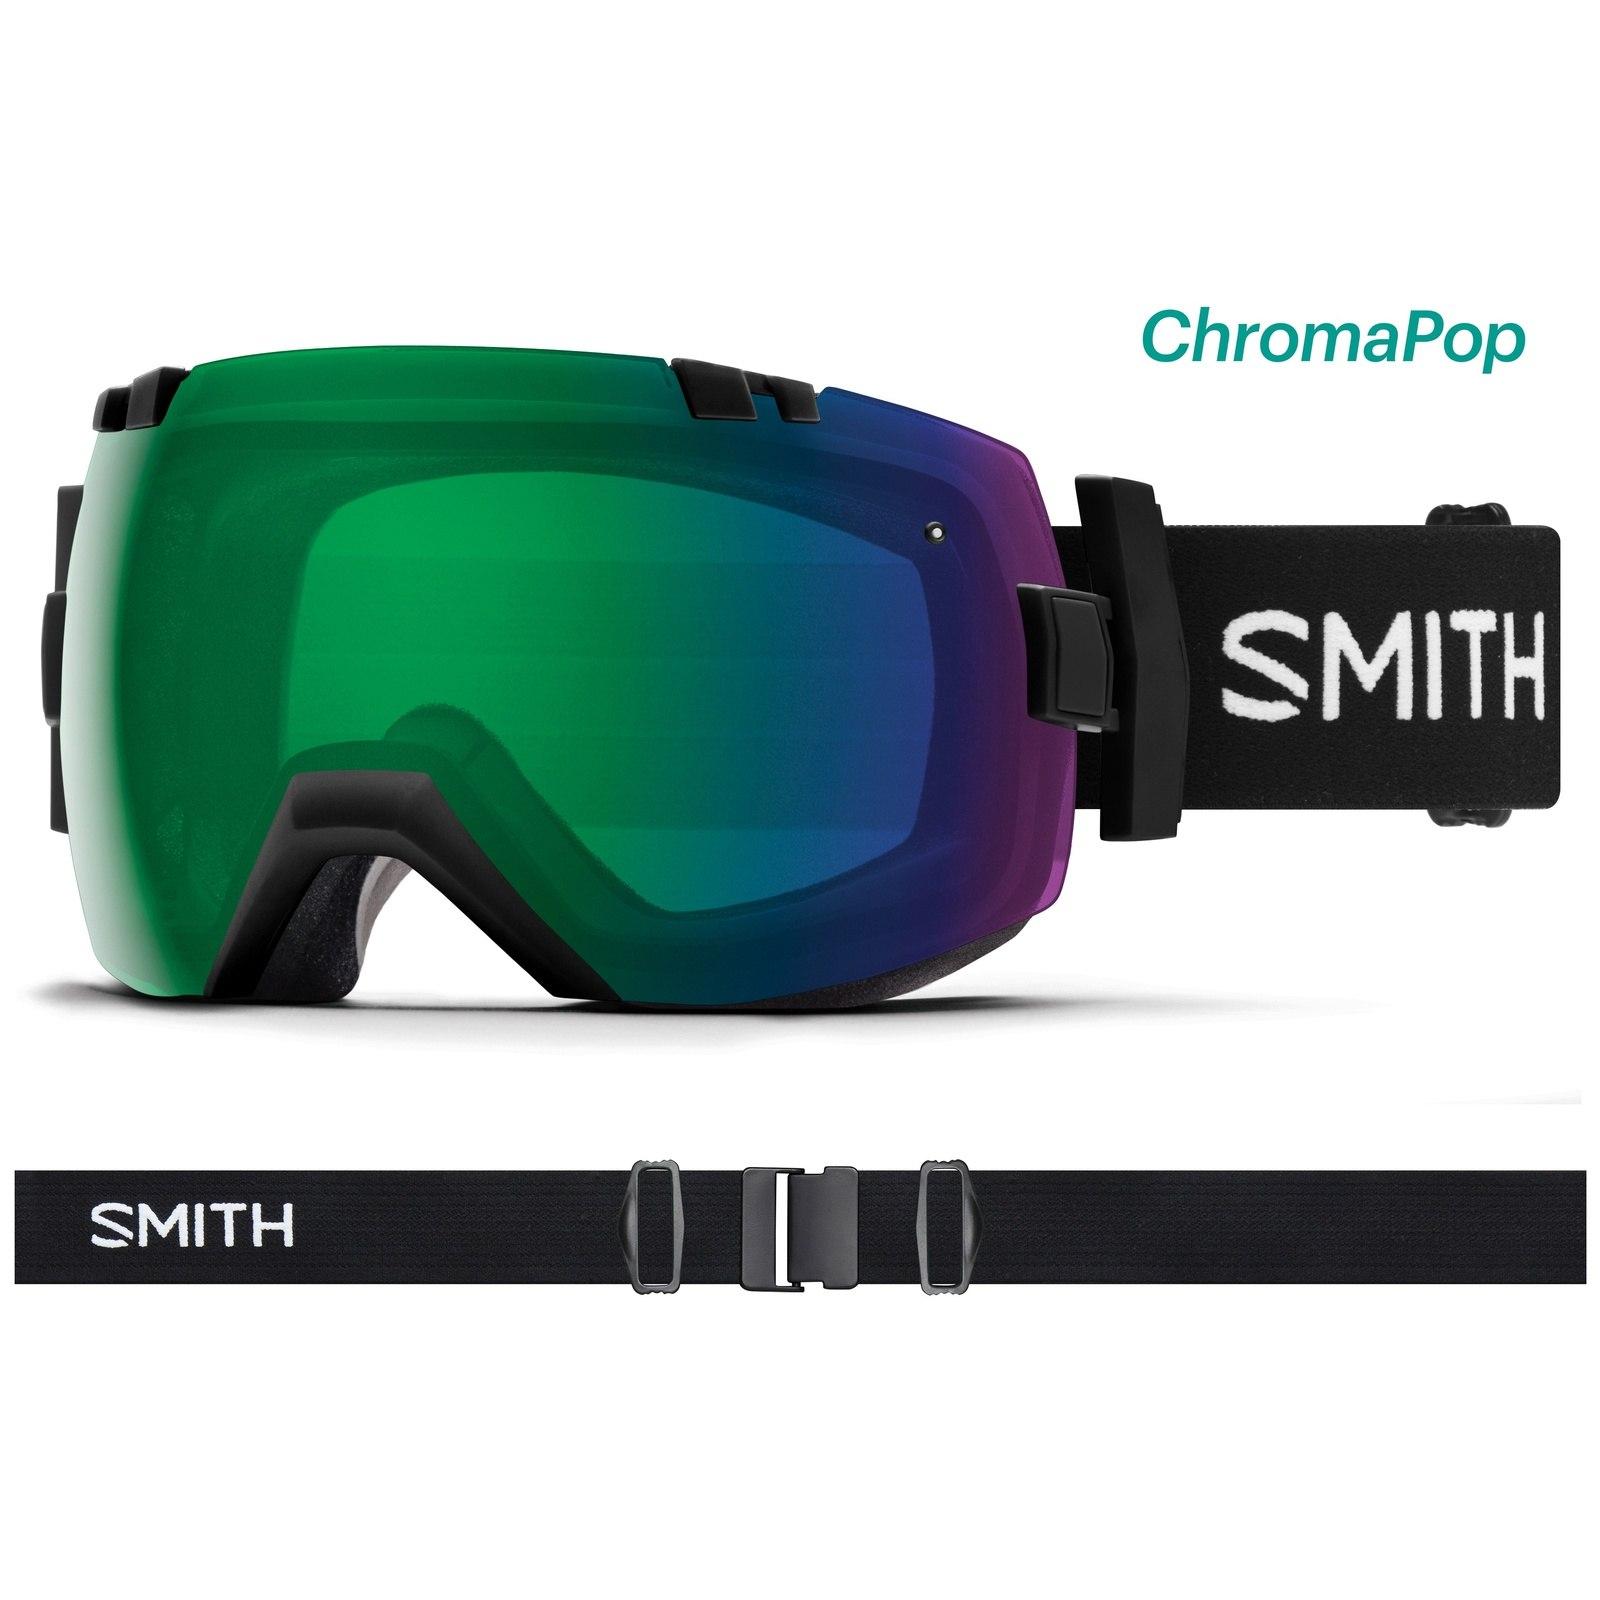 c0a259ea39a ... Men s Smith IOX Goggles · All Goggles · All Smith Gear · Smith Logo.  Black Chromapop Everyday Green ...